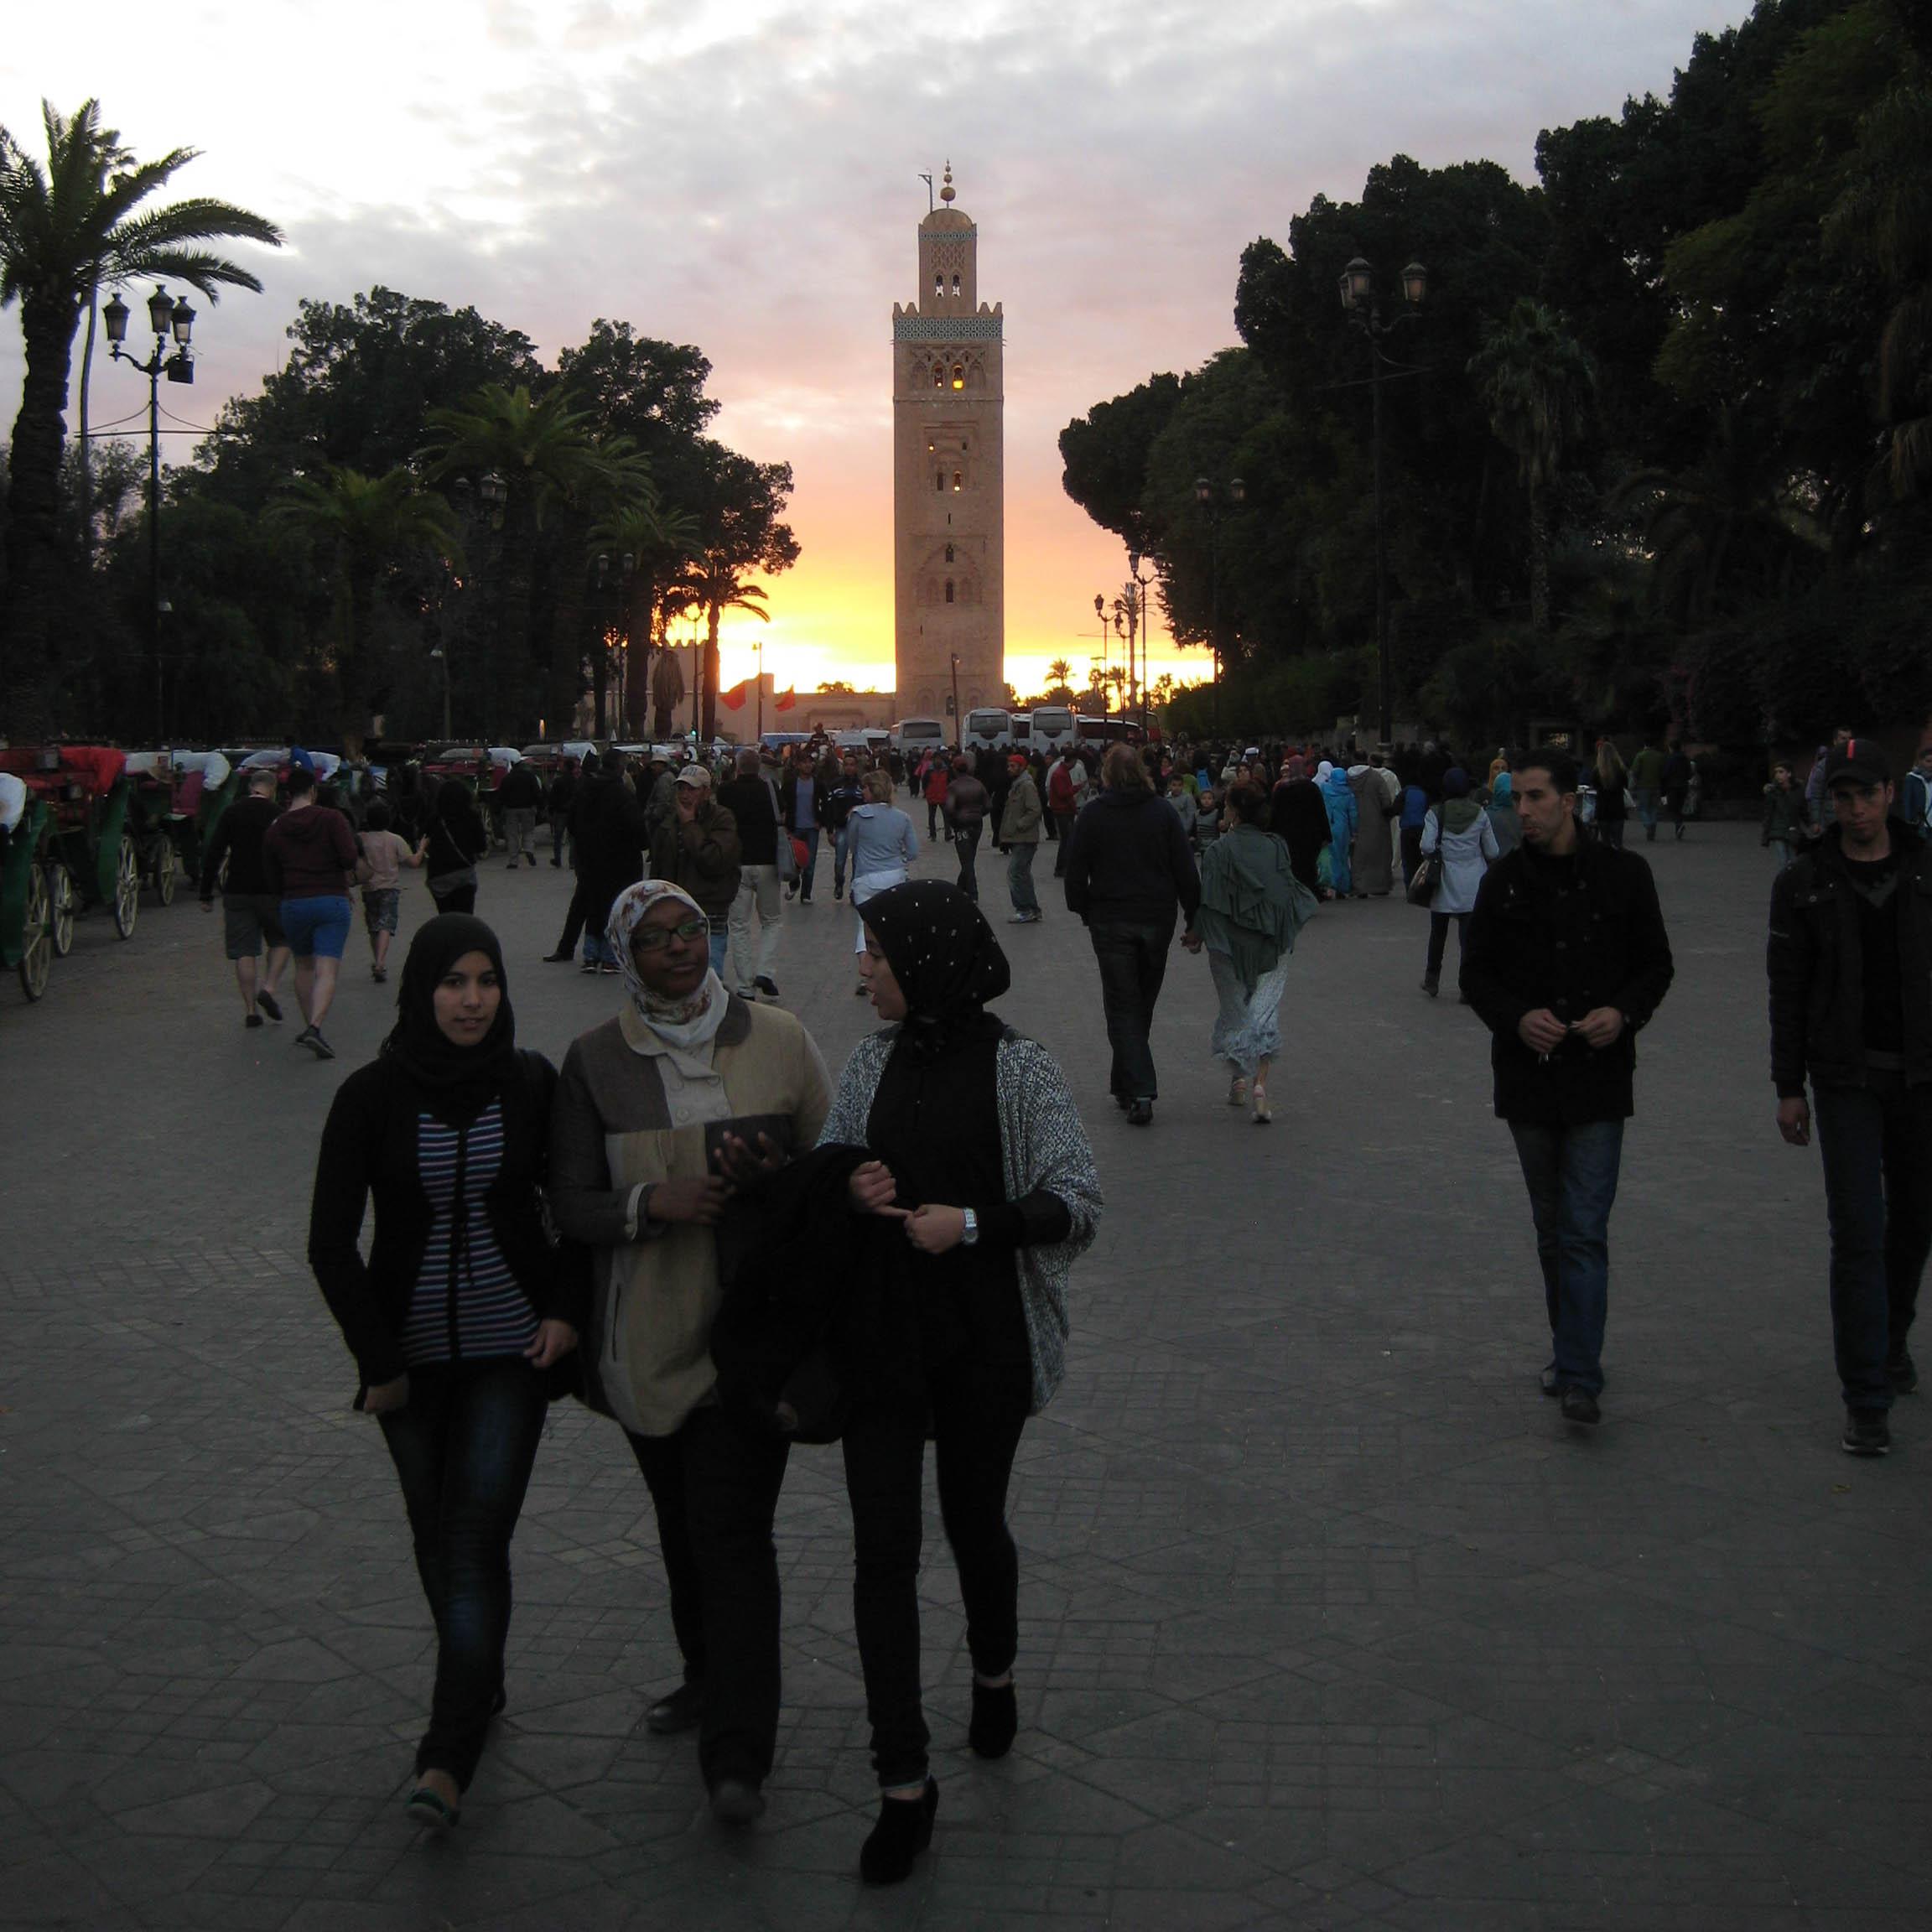 Kerst in marokko 2013